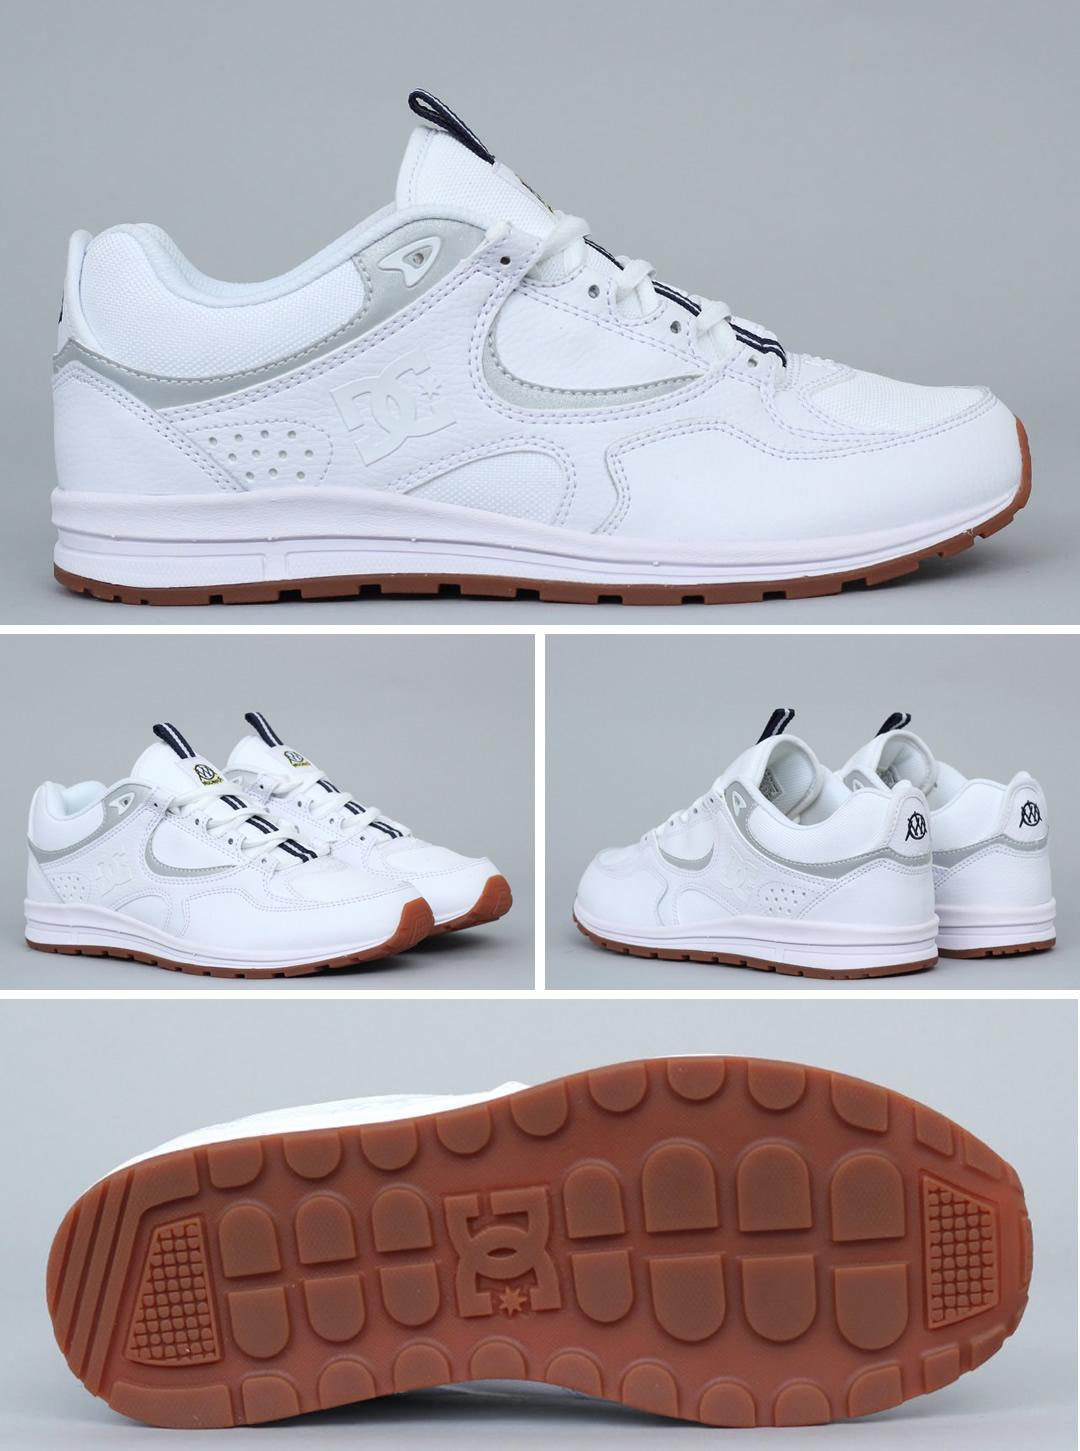 sale retailer 100d4 a9985 ... las zapas de skate que se utilizaban a finales de los 90s  También para  todos los que buscan unas zapatillas sobrias, elegantes y confortables. DC  Shoes